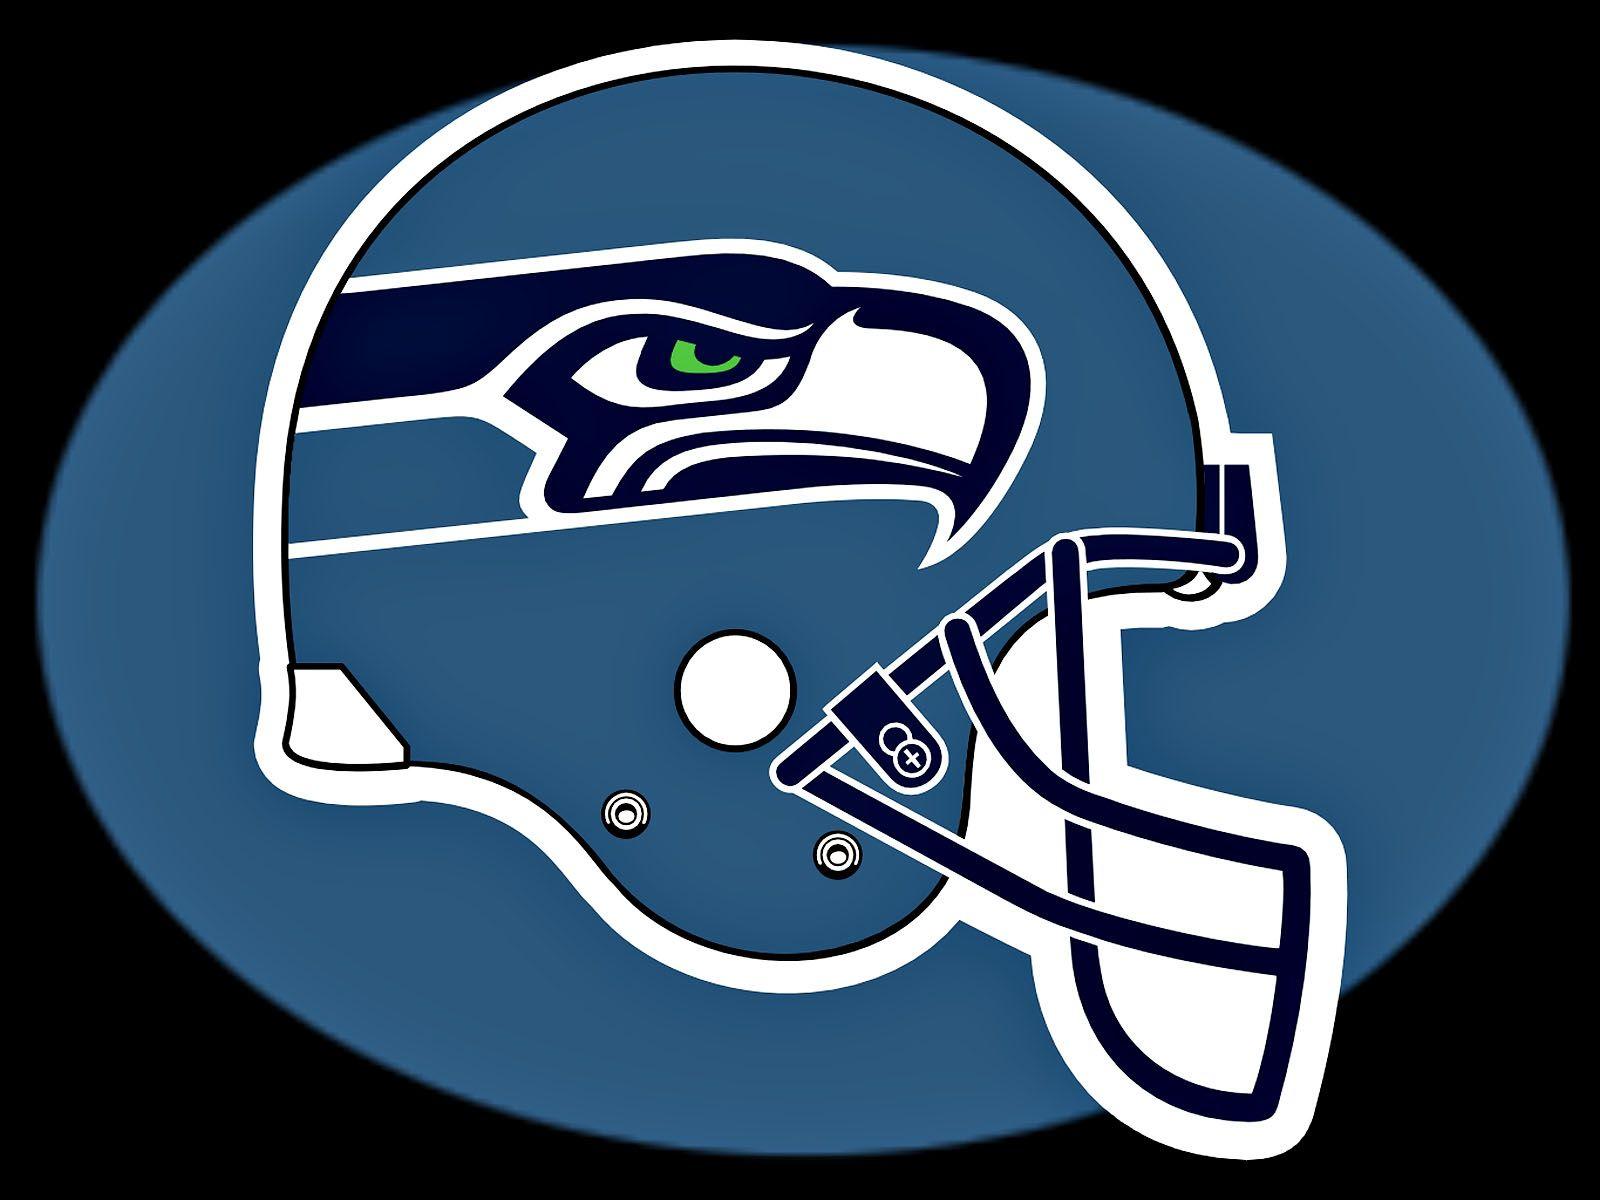 Seahawks Hd Wallpaper